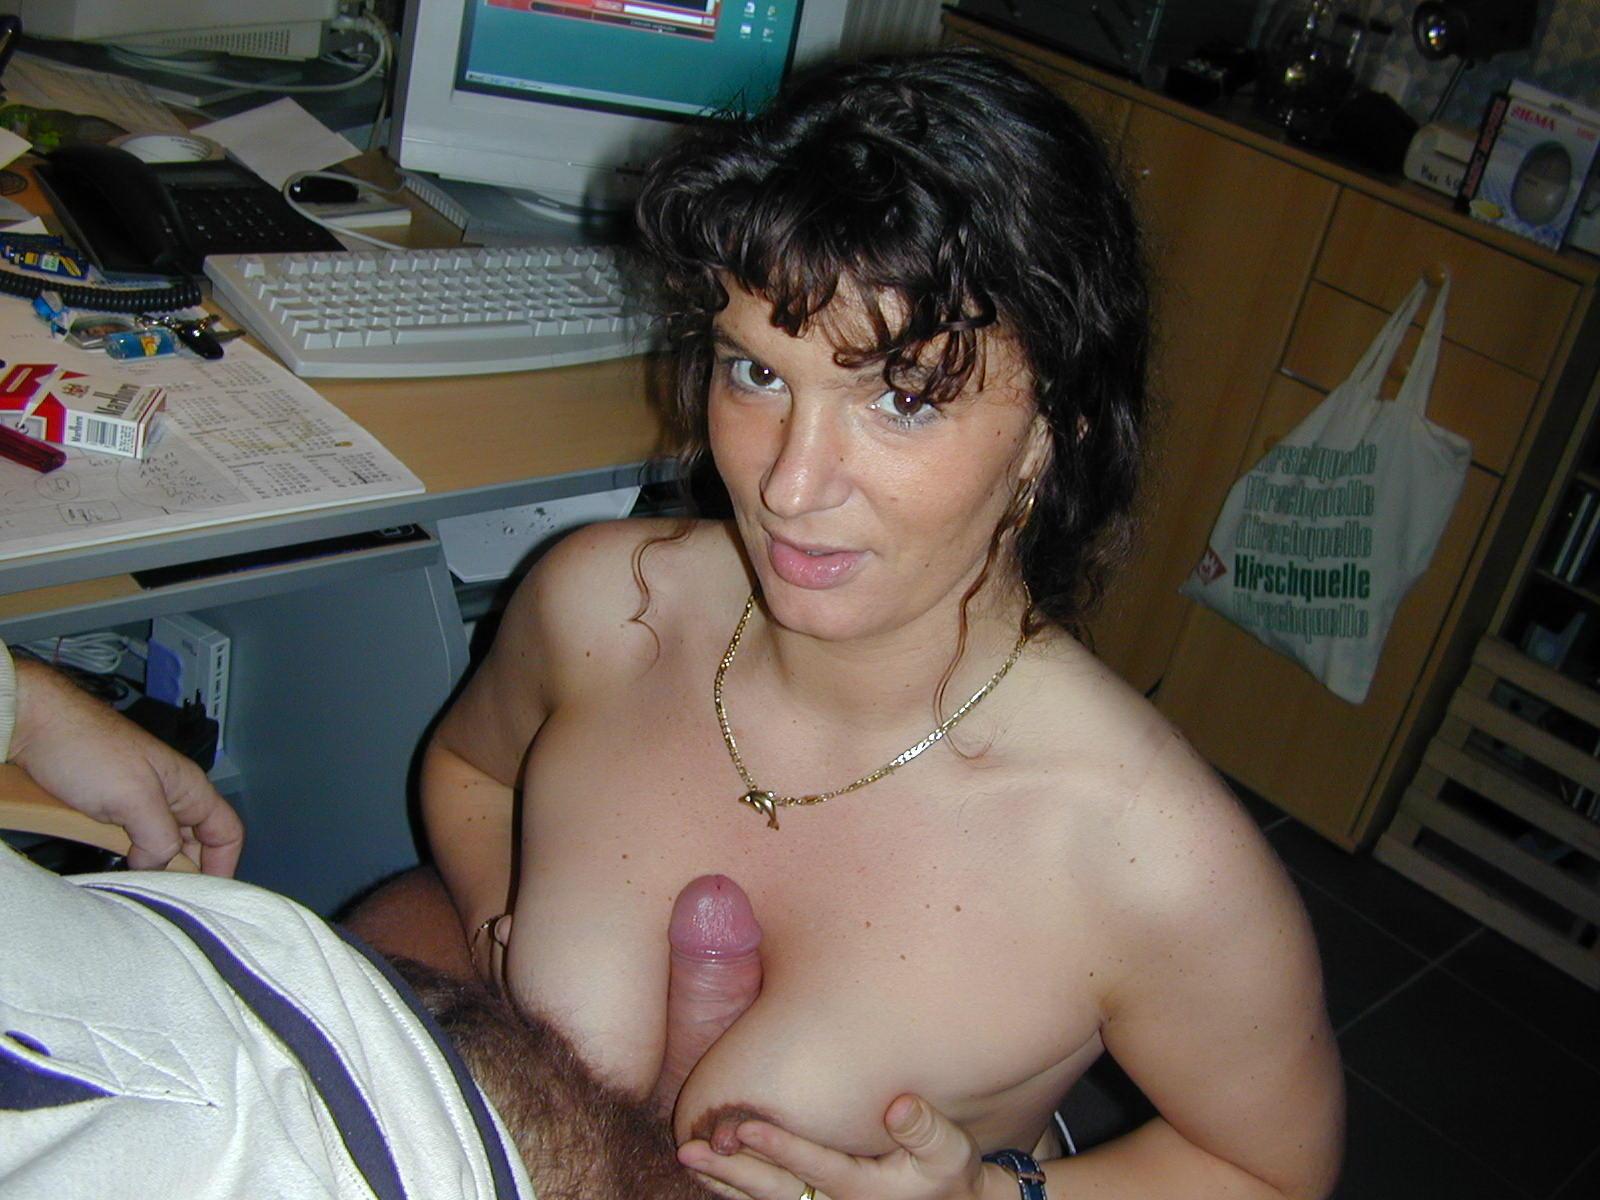 Тенмоволосая мамочка полирует пенис после шалостей с девушкой